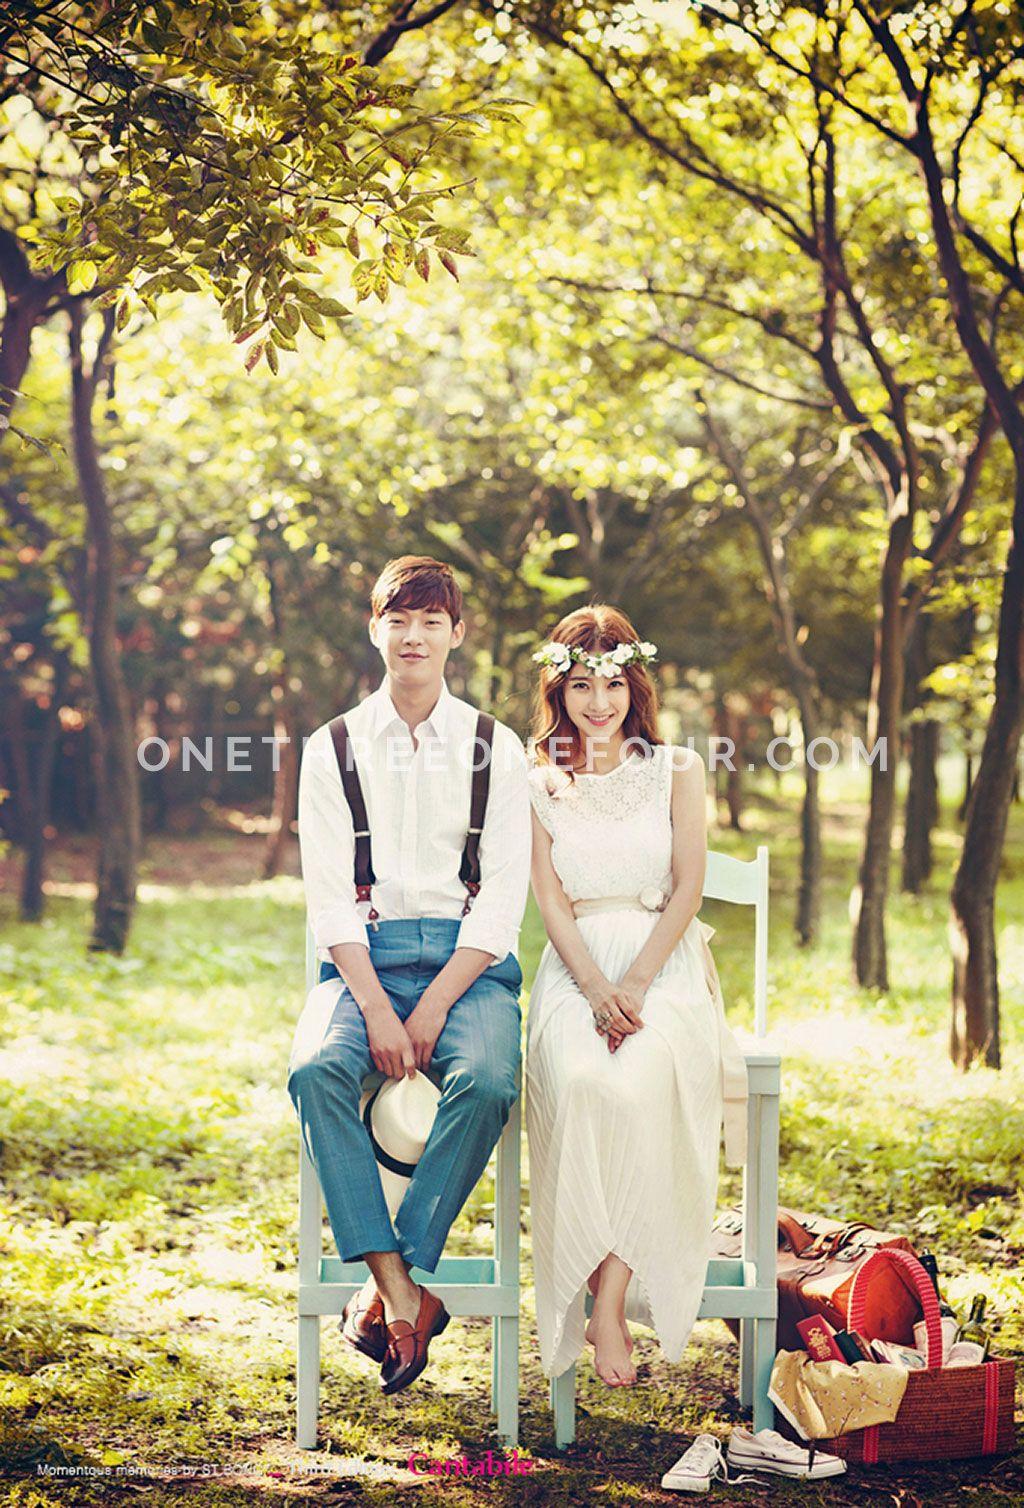 Outdoor Photography Collection Korean wedding